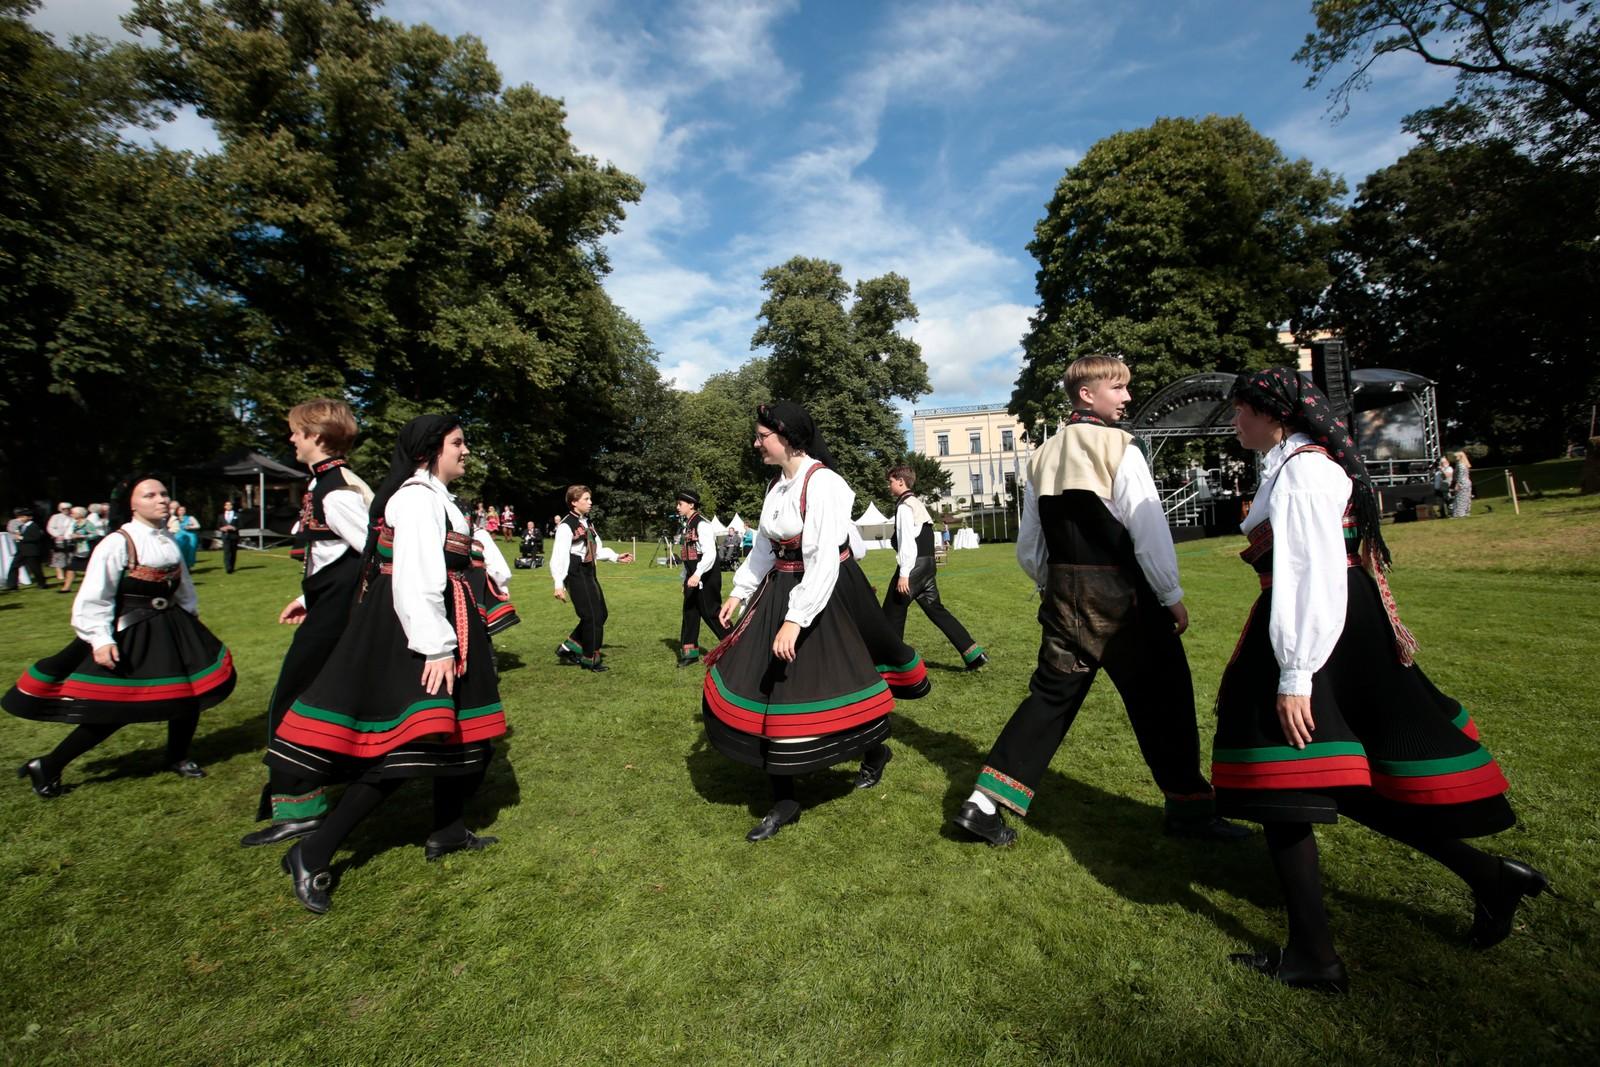 Gjestene ble møtt av folkelig dans før hagefesten.